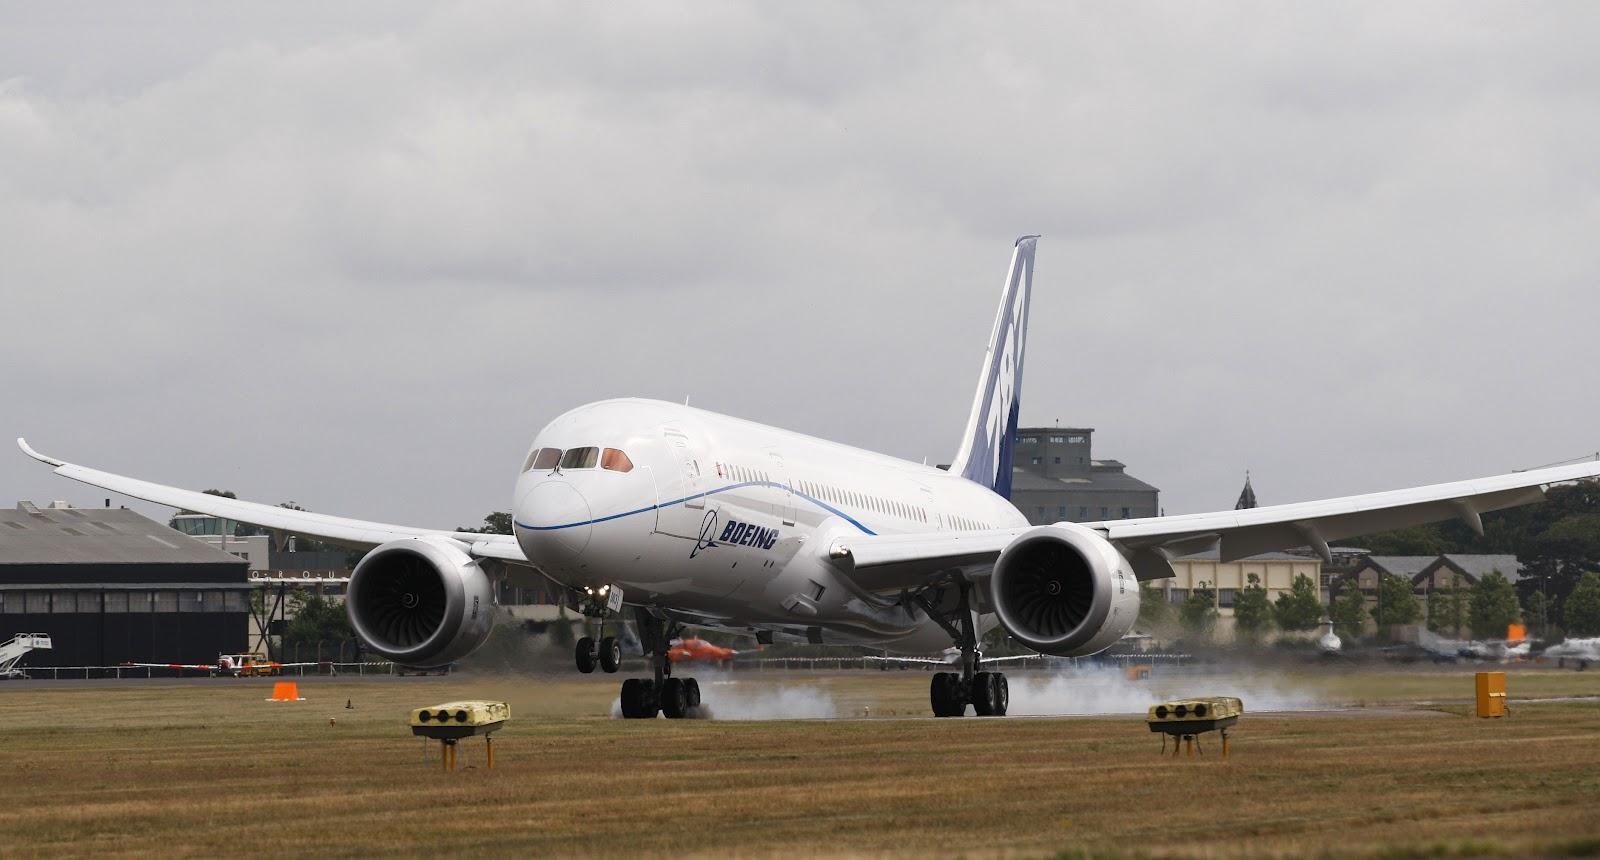 http://2.bp.blogspot.com/-S2pbTfkHdeI/T672nH4R4tI/AAAAAAAAIGo/8UCDriOclUk/s1600/boeing_787_dreamliner_touch_down.jpg